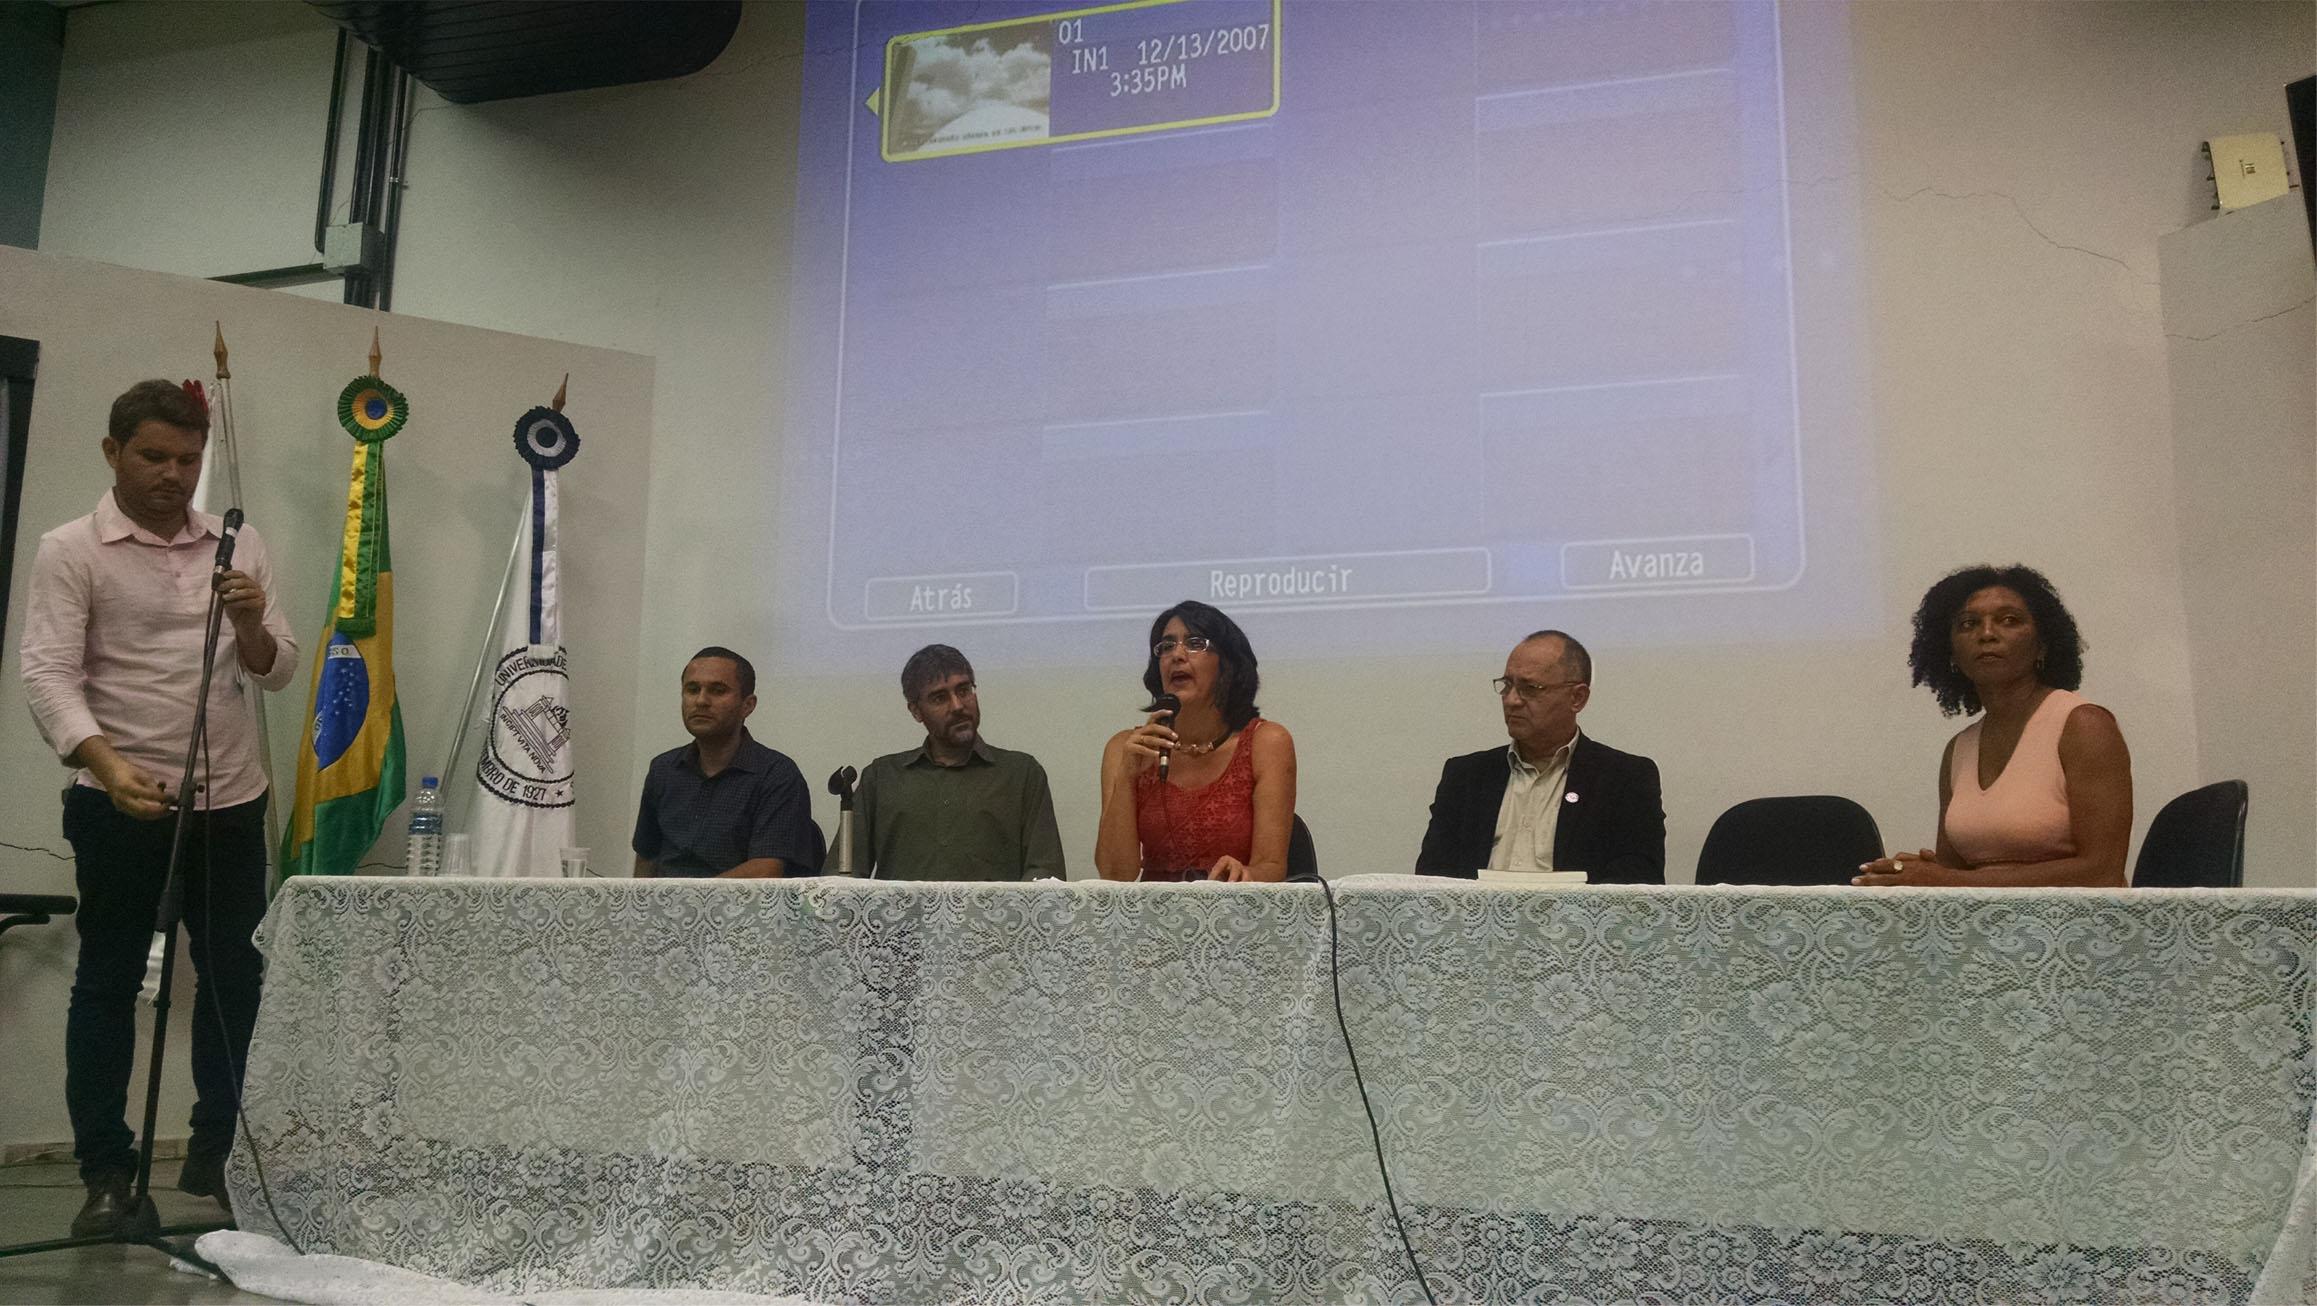 Autoridades participam do seminário em Belo Horizonte (Foto: Fabiana Senna)